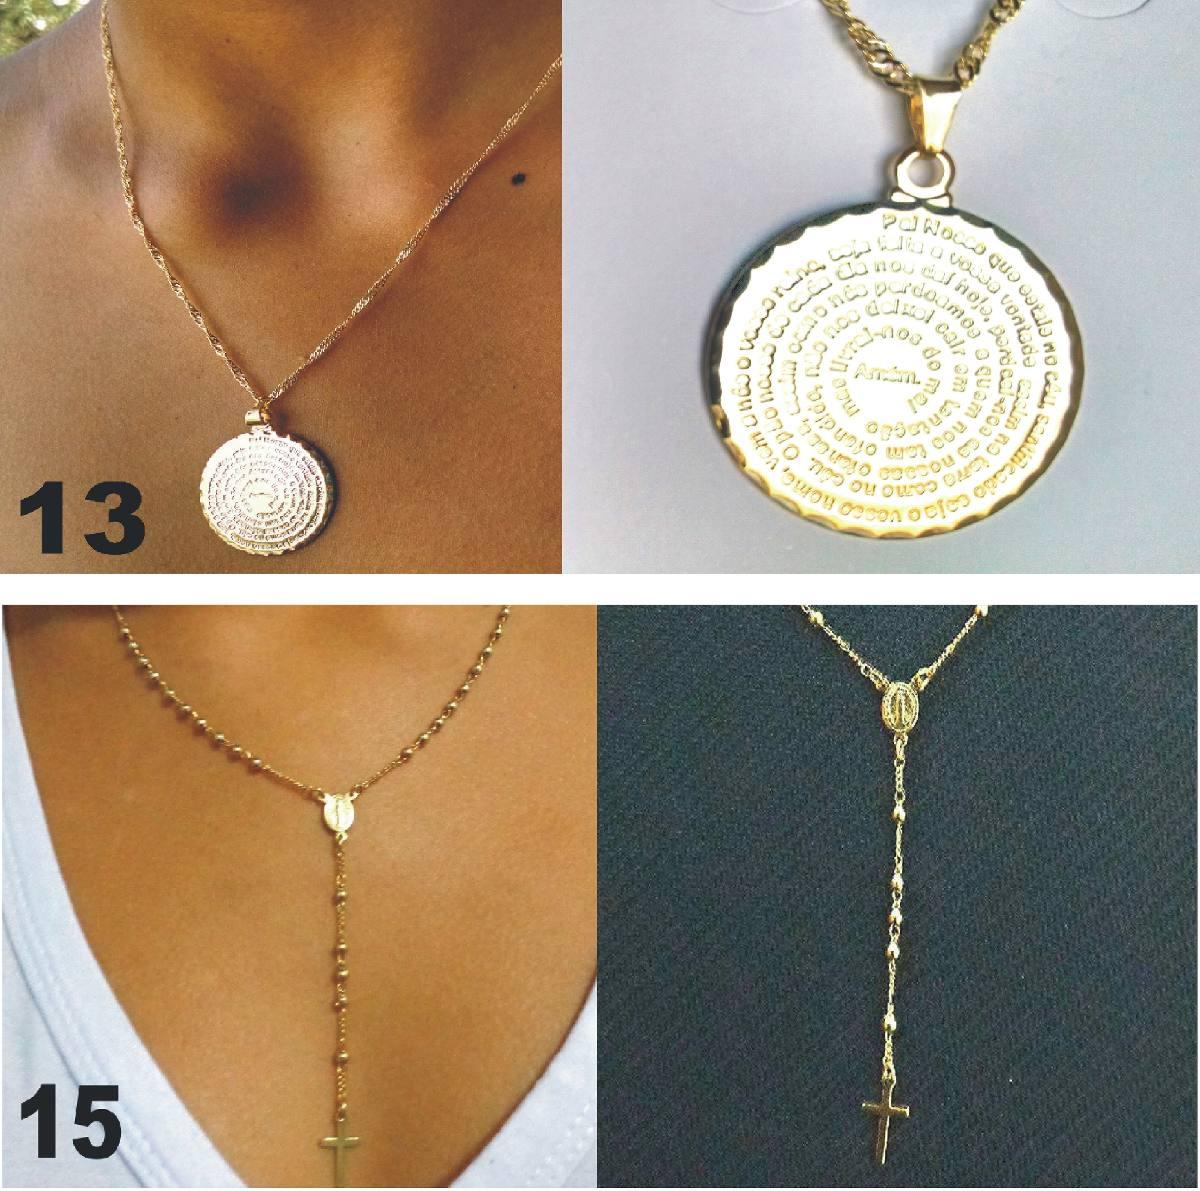 abd432fe71384 colar pingente da nossa senhora aparecida folheado a ouro18k. Carregando  zoom.